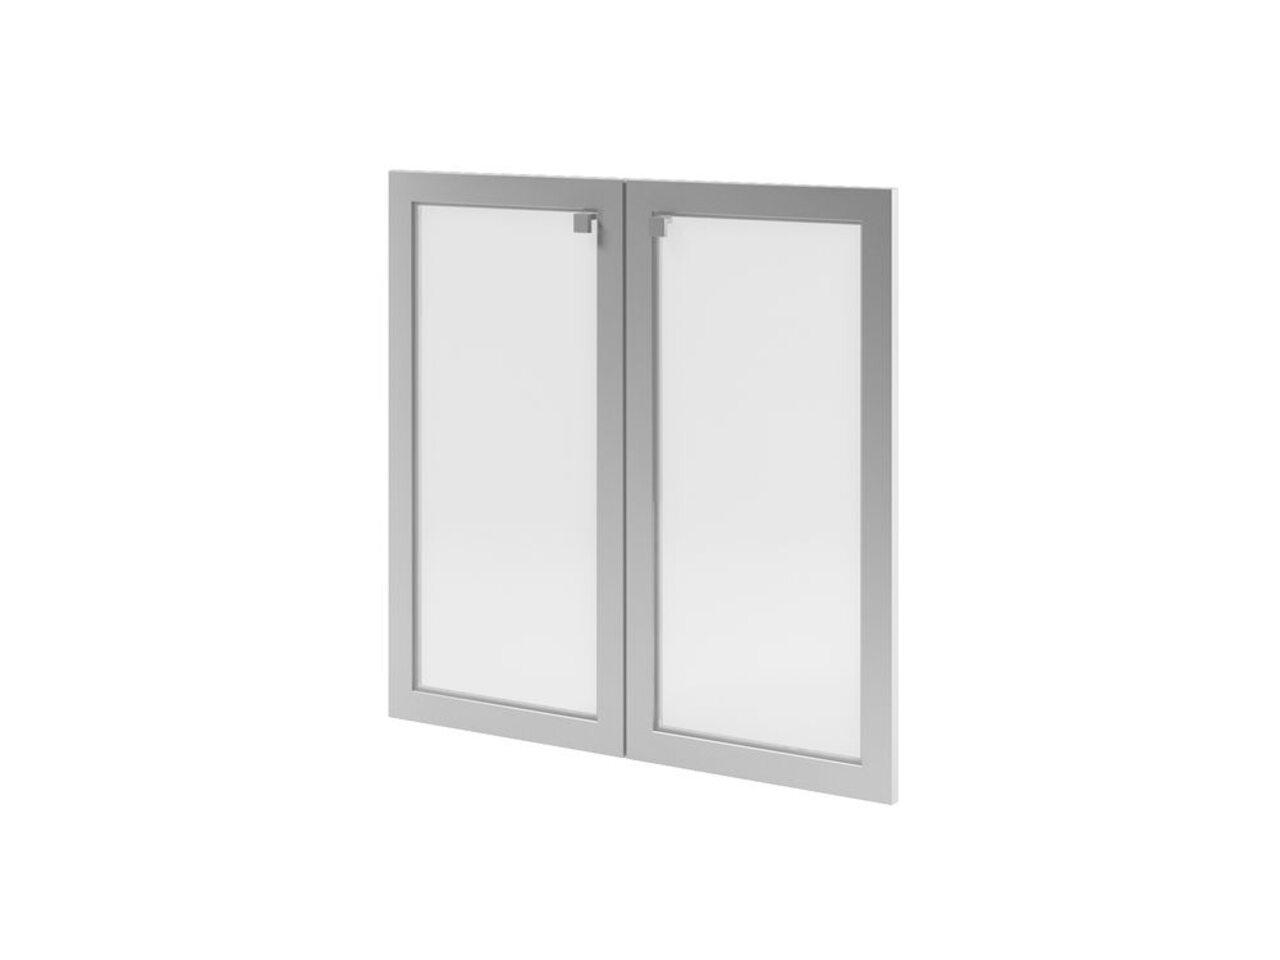 Двери низкие с матовым белым стеклом  Space 79x3x77 - фото 1